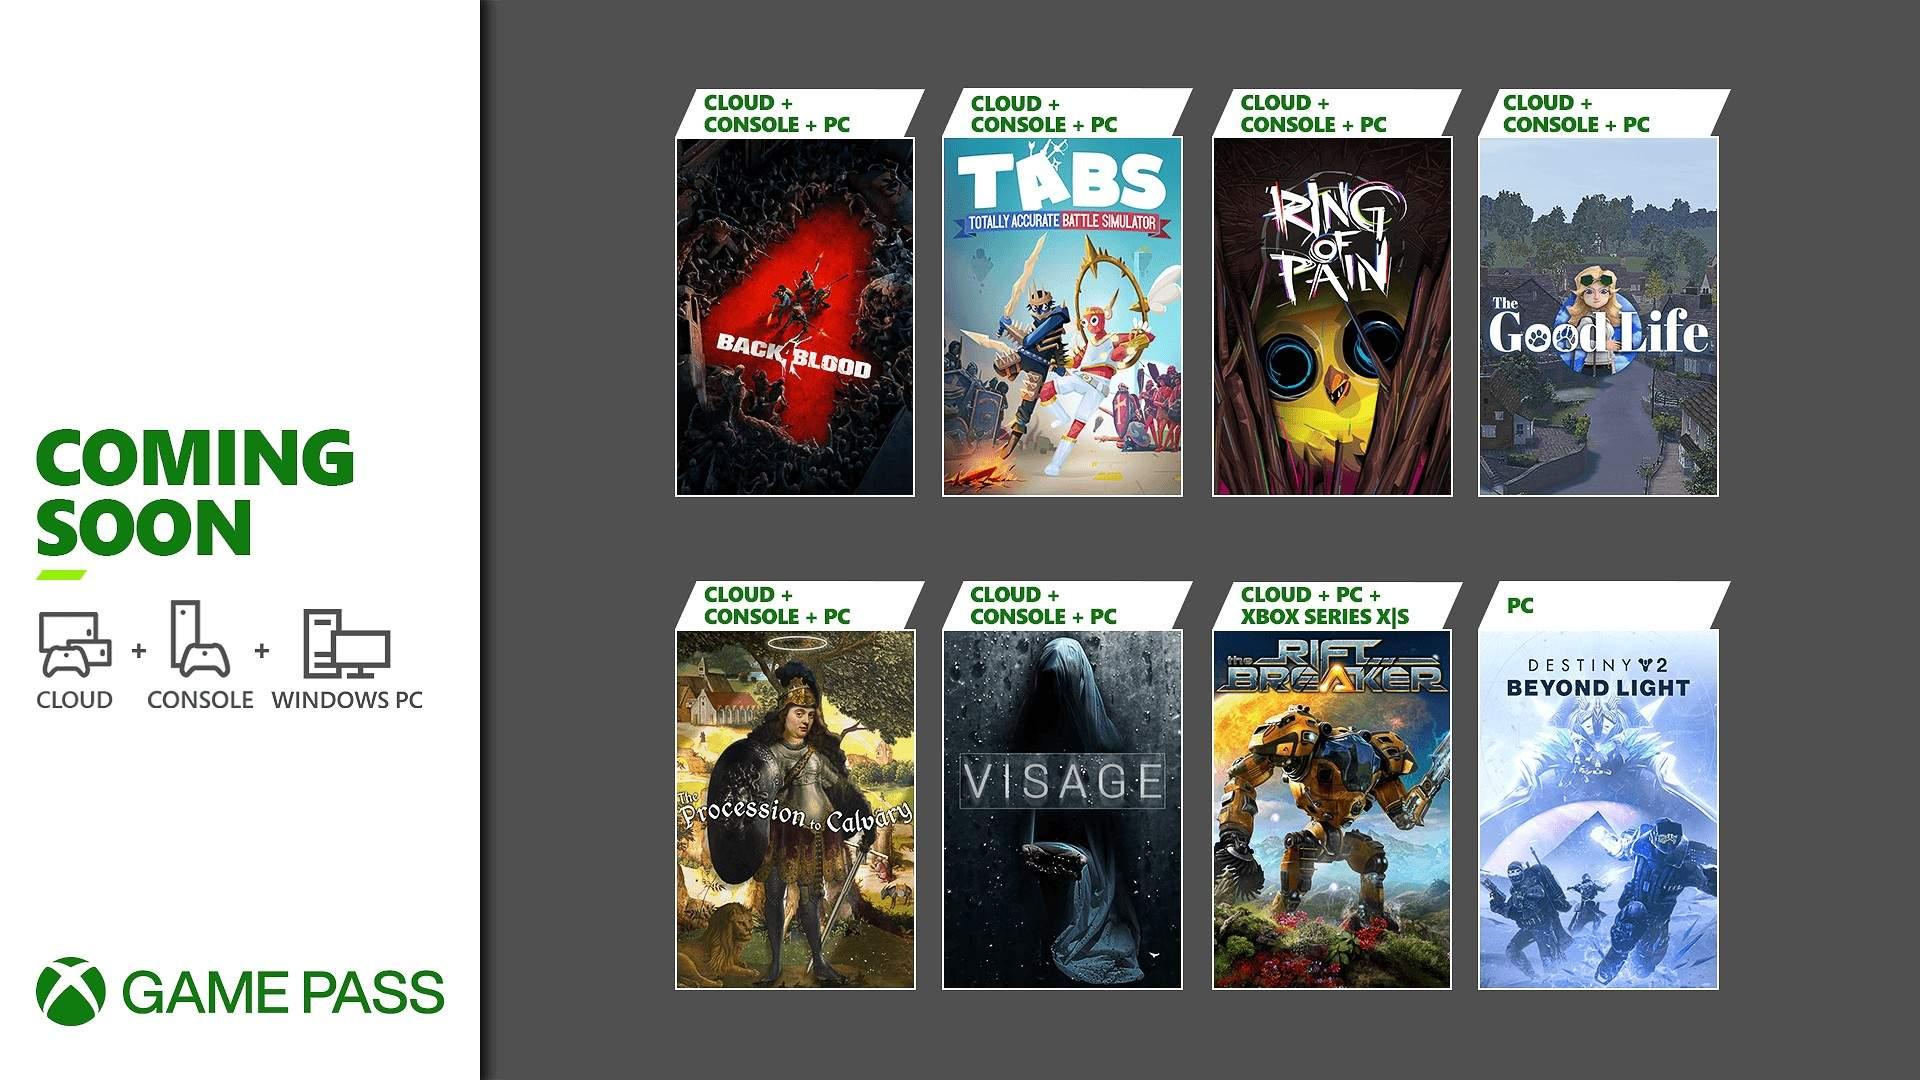 Xbox Game Pass agrega Back 4 Blood, Destiny 2 Beyond Light entre otros a principios de octubre